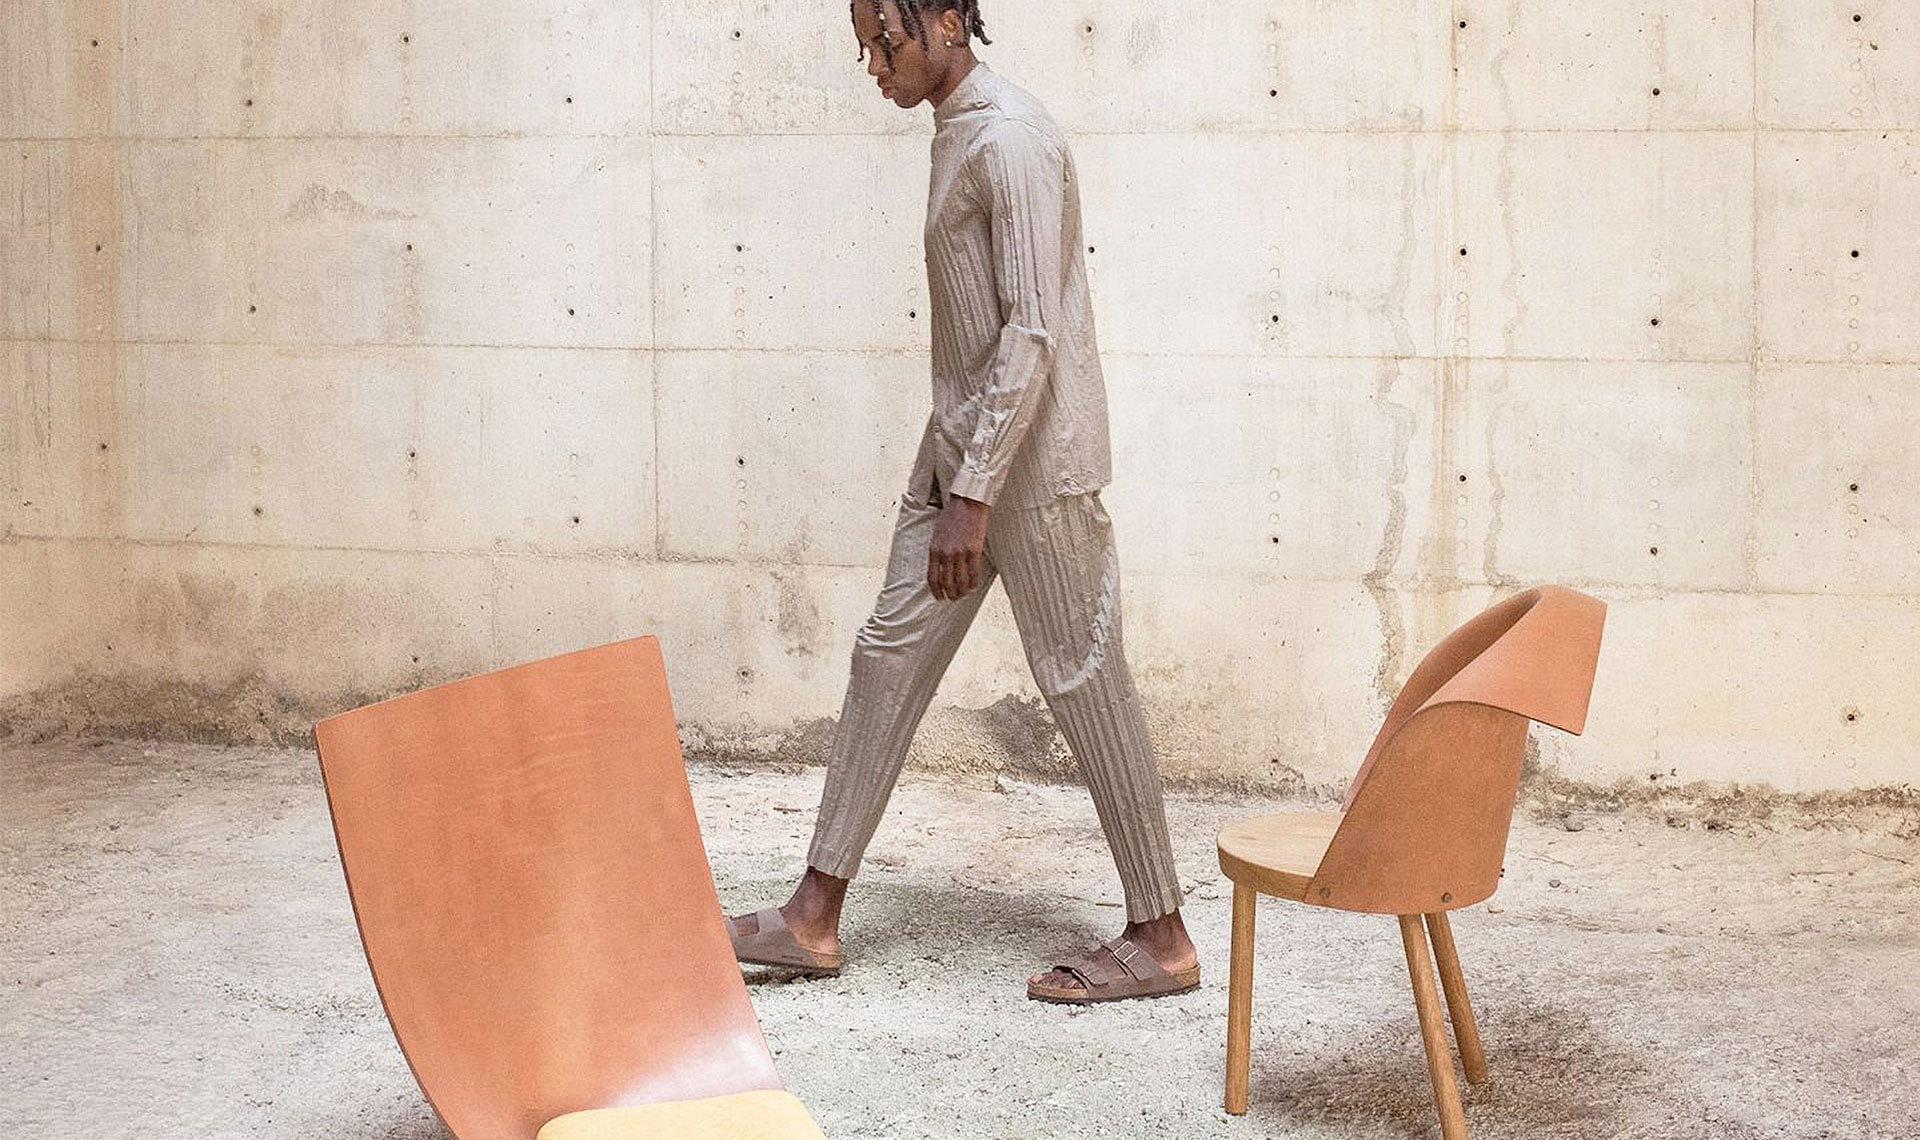 Дизайн встречает моду в проекте Gárate Hausmann